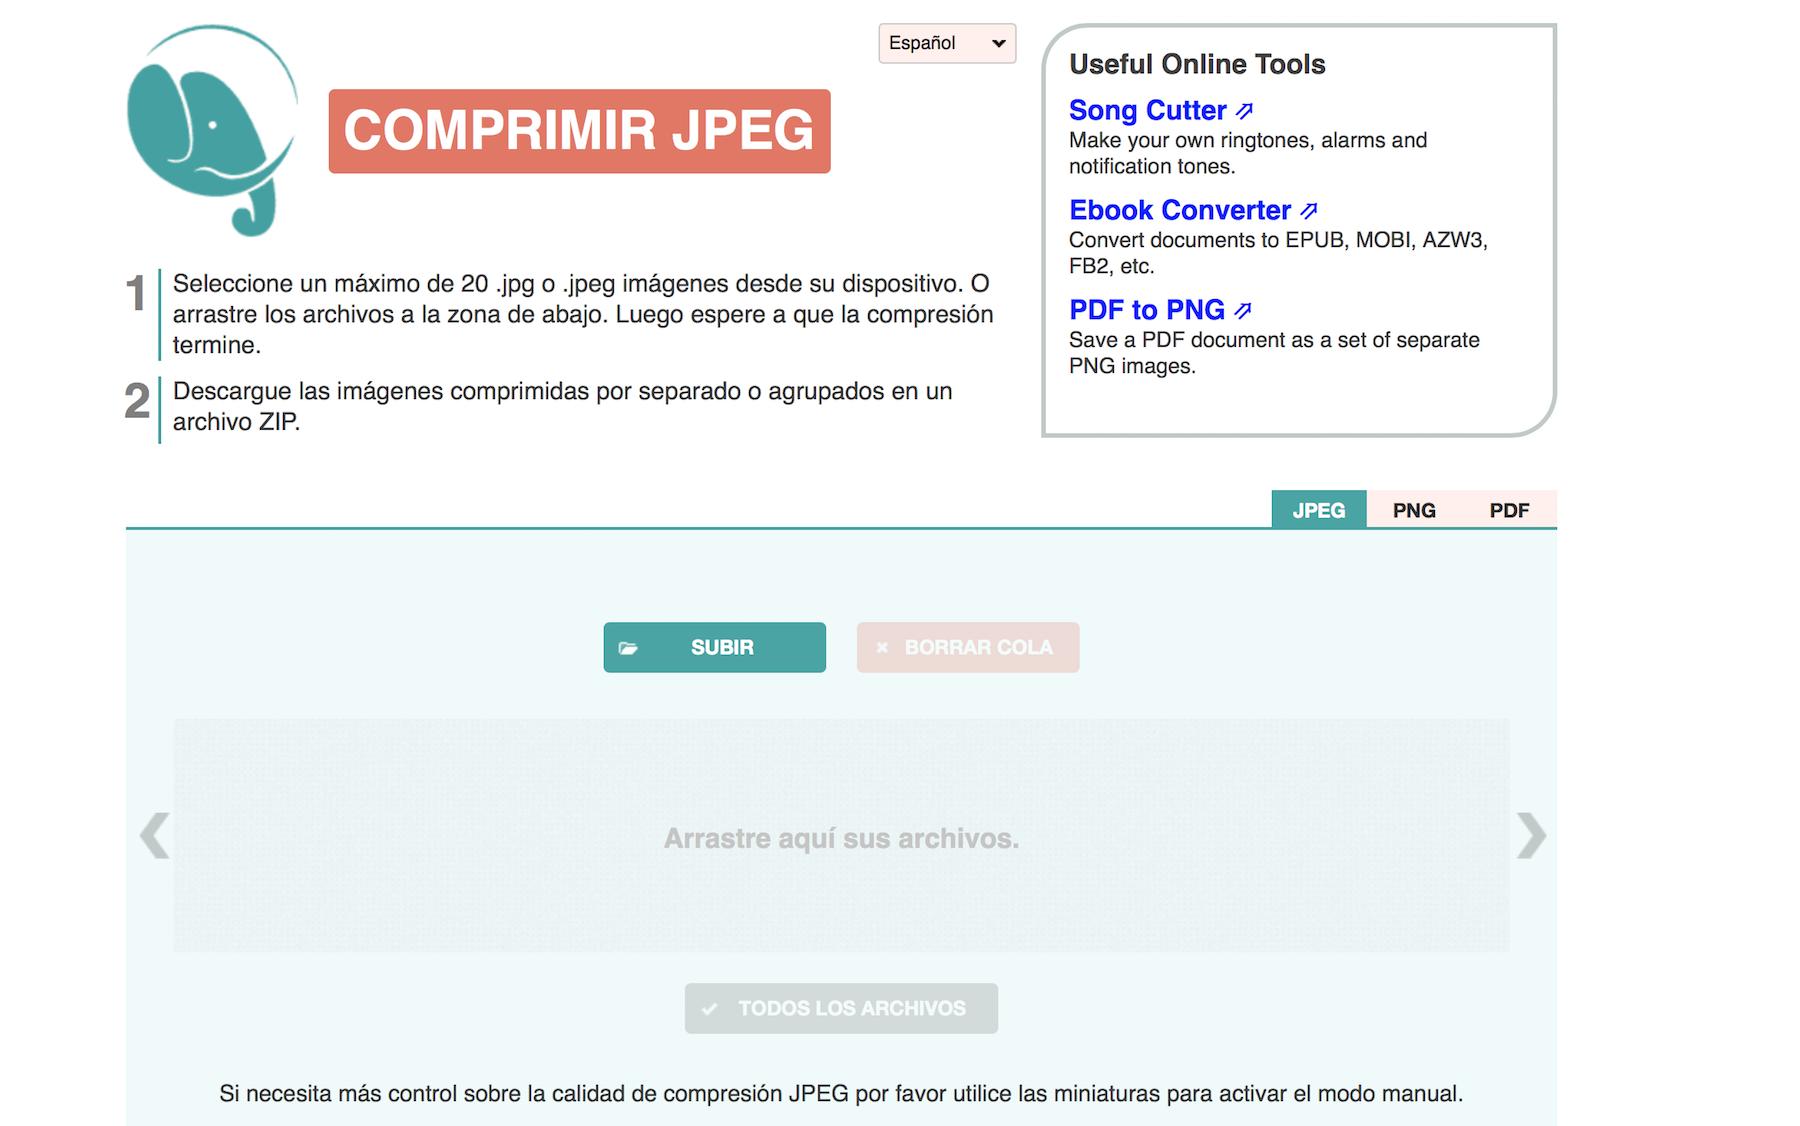 herramientas para reducir imágenes: Compress JPG